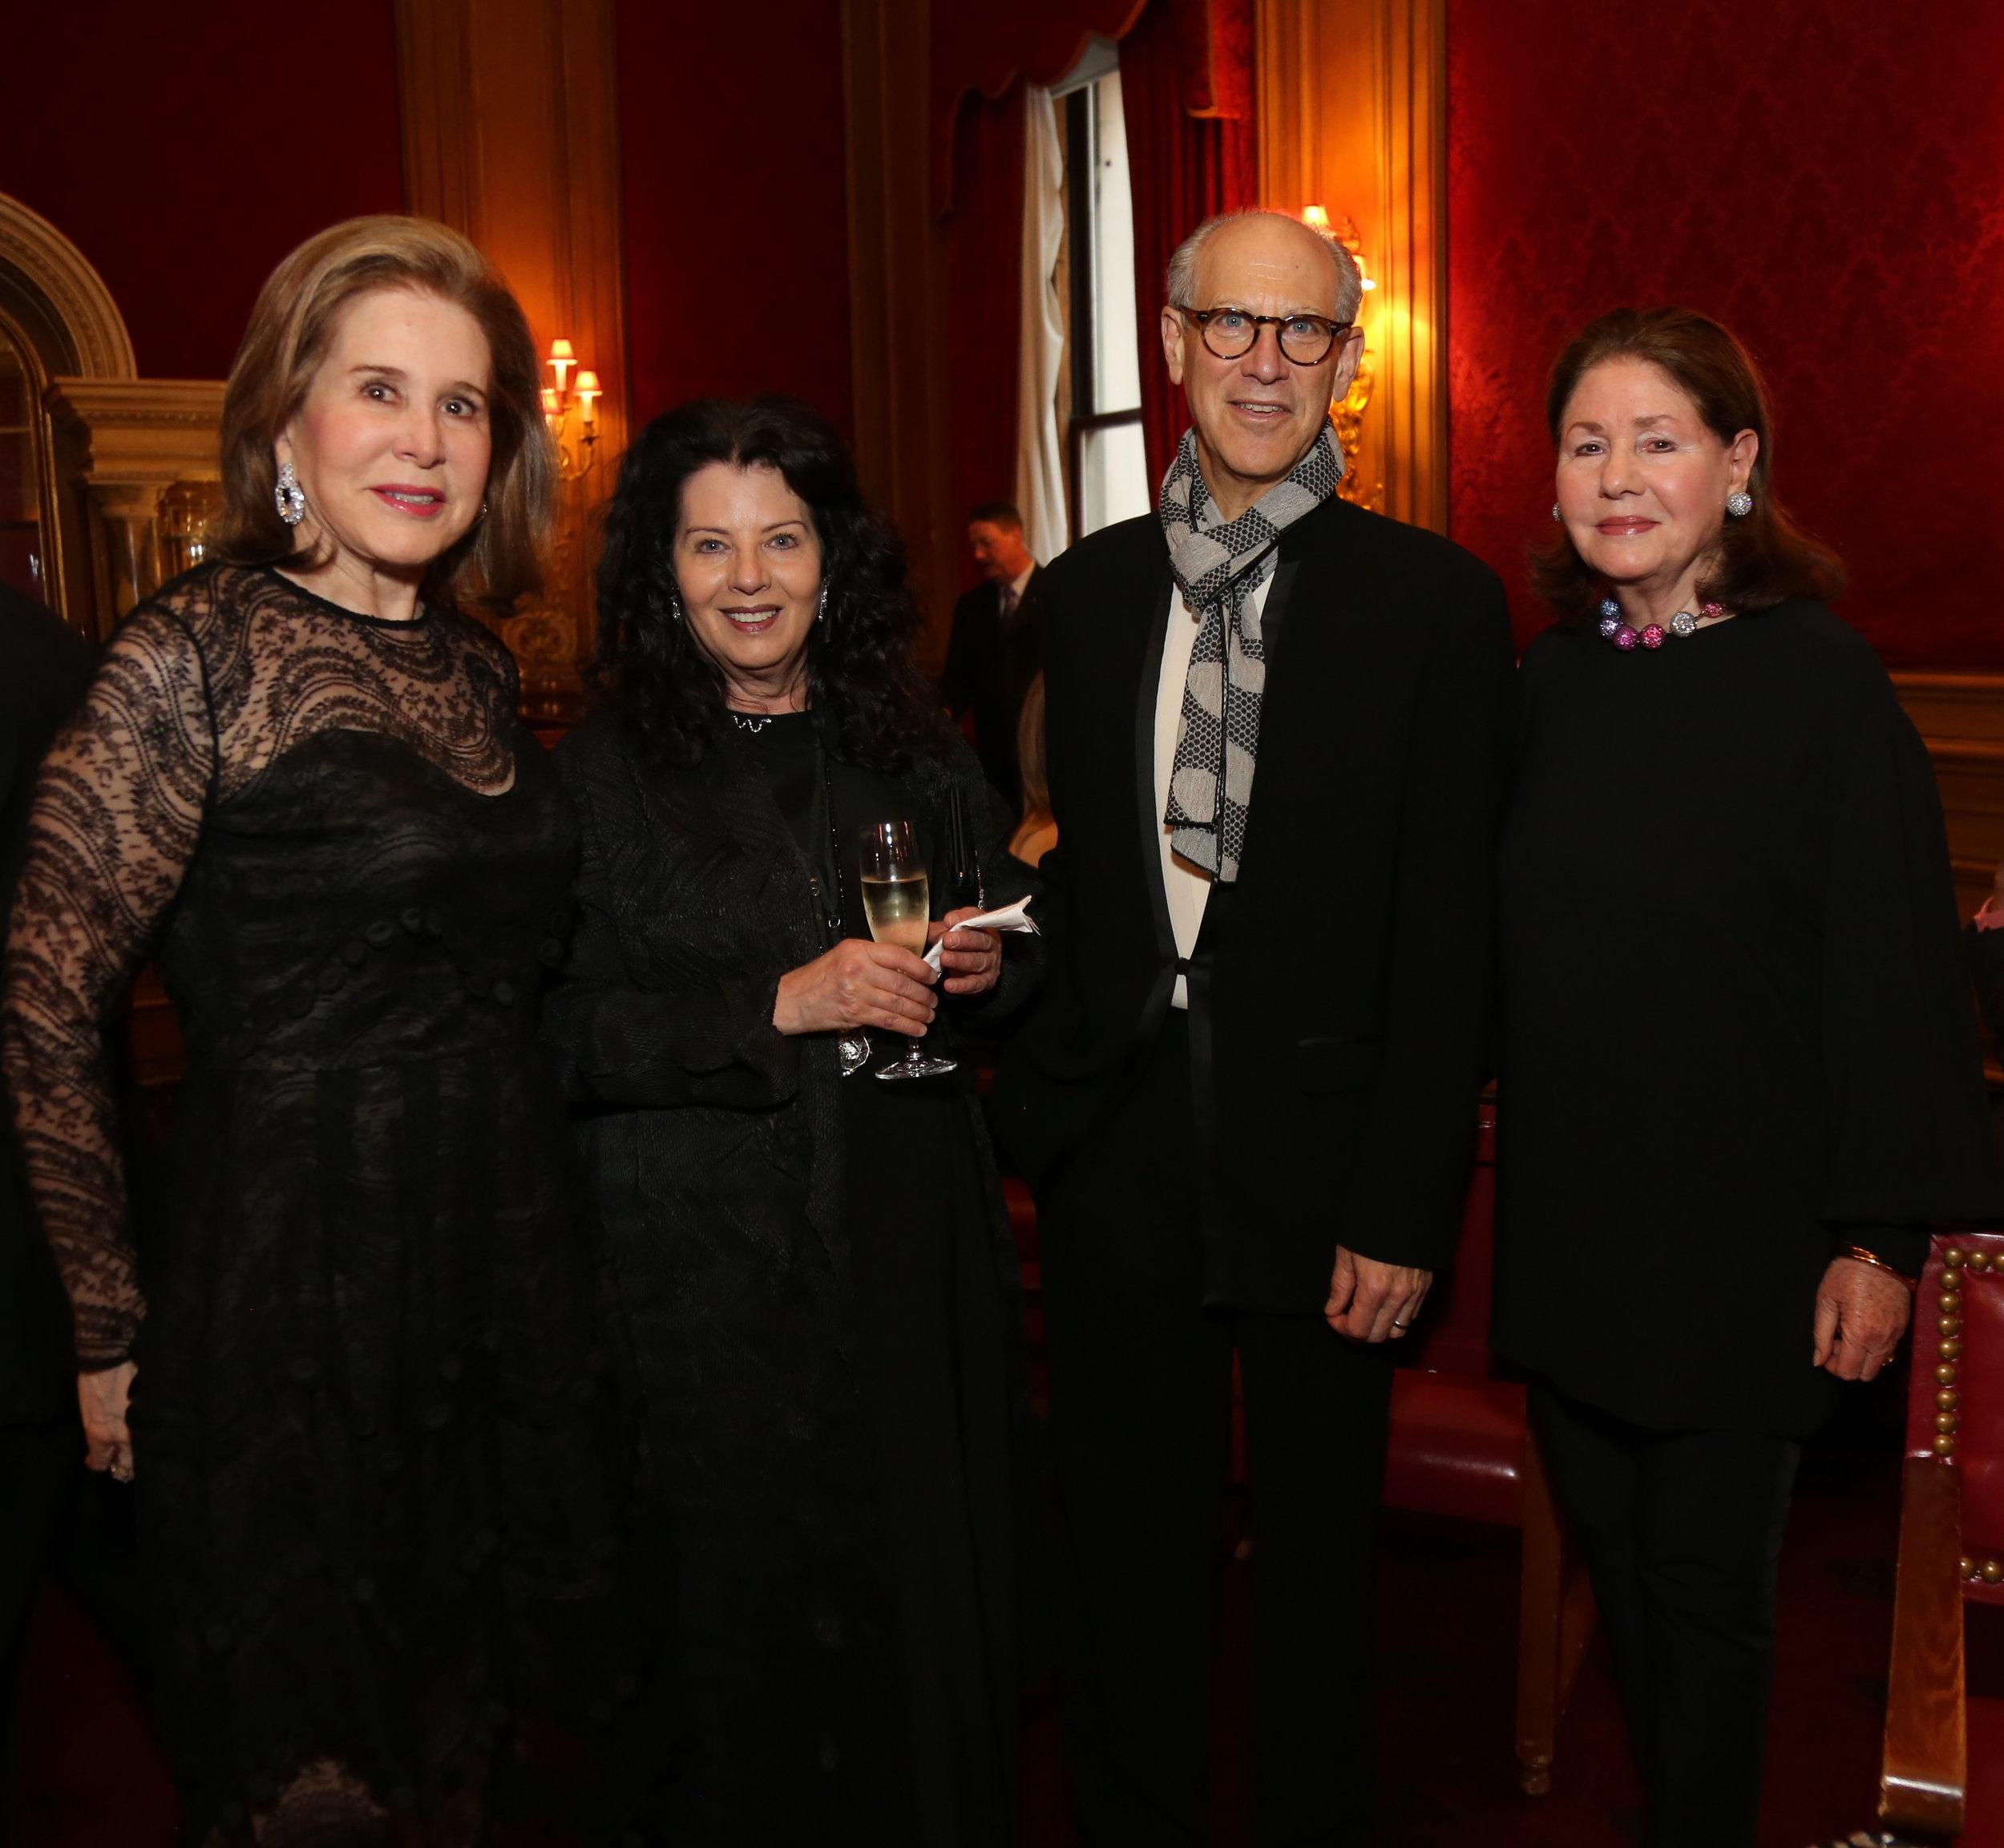 Judy Ney, Laura Rapp, Glenn D. Lowry, Jo Carole Lauder